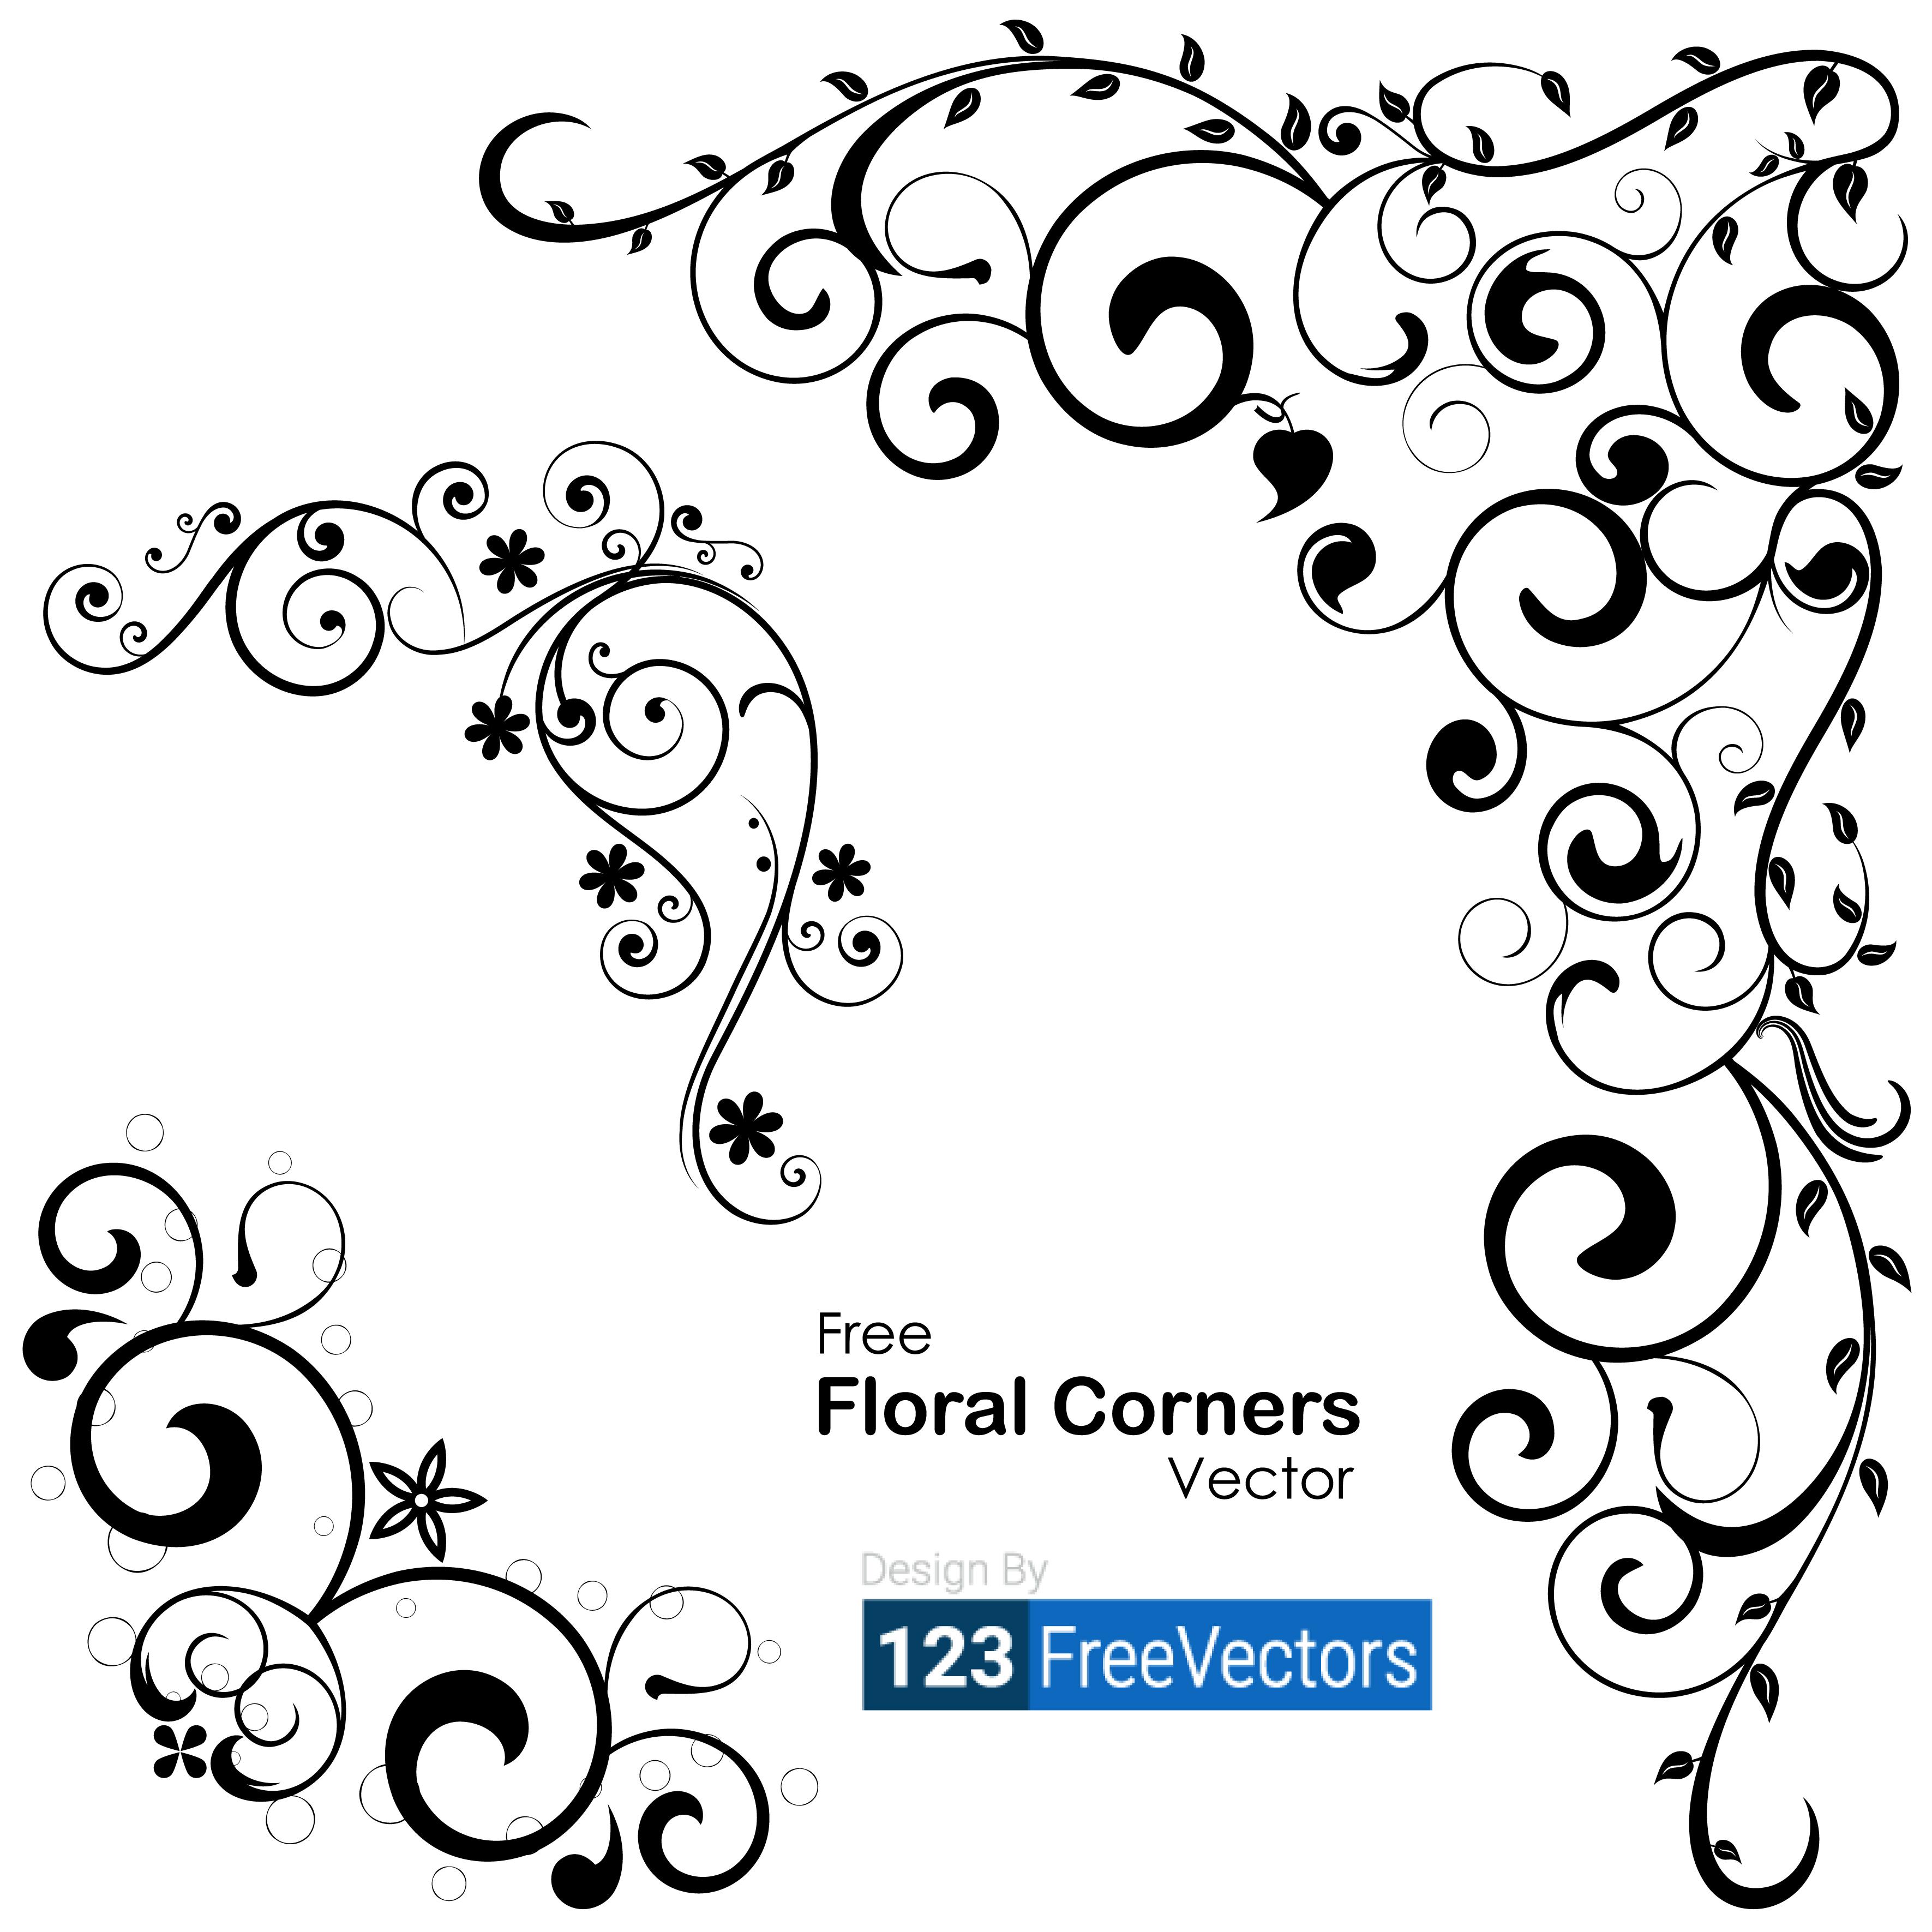 3542x3542 Vector Floral Corners 123freevectors